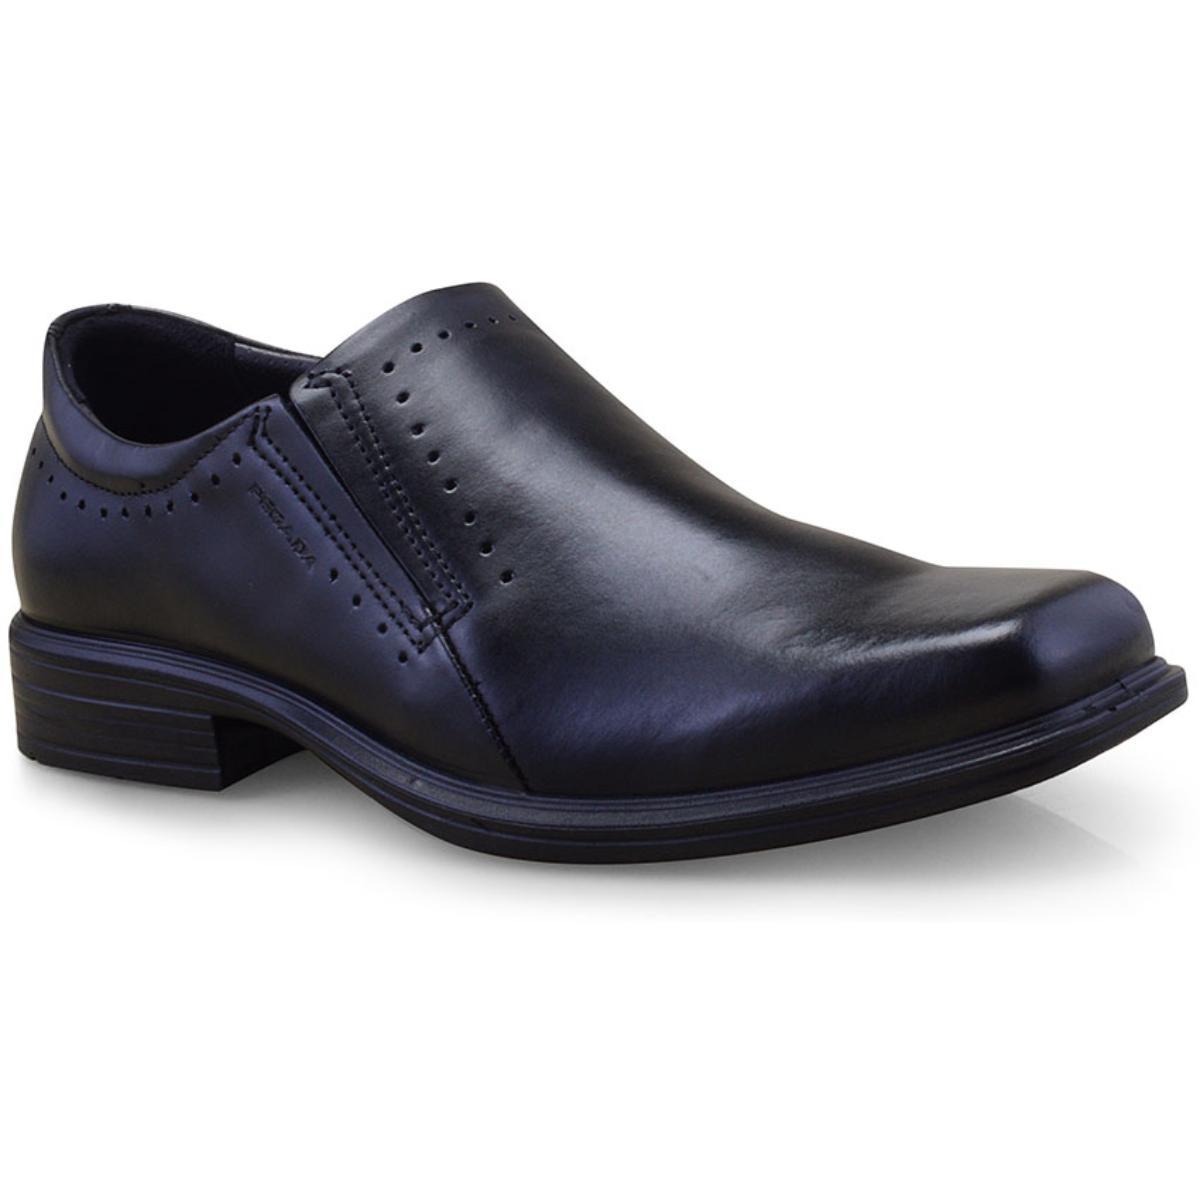 Sapato Masculino Pegada 124701-01 Preto